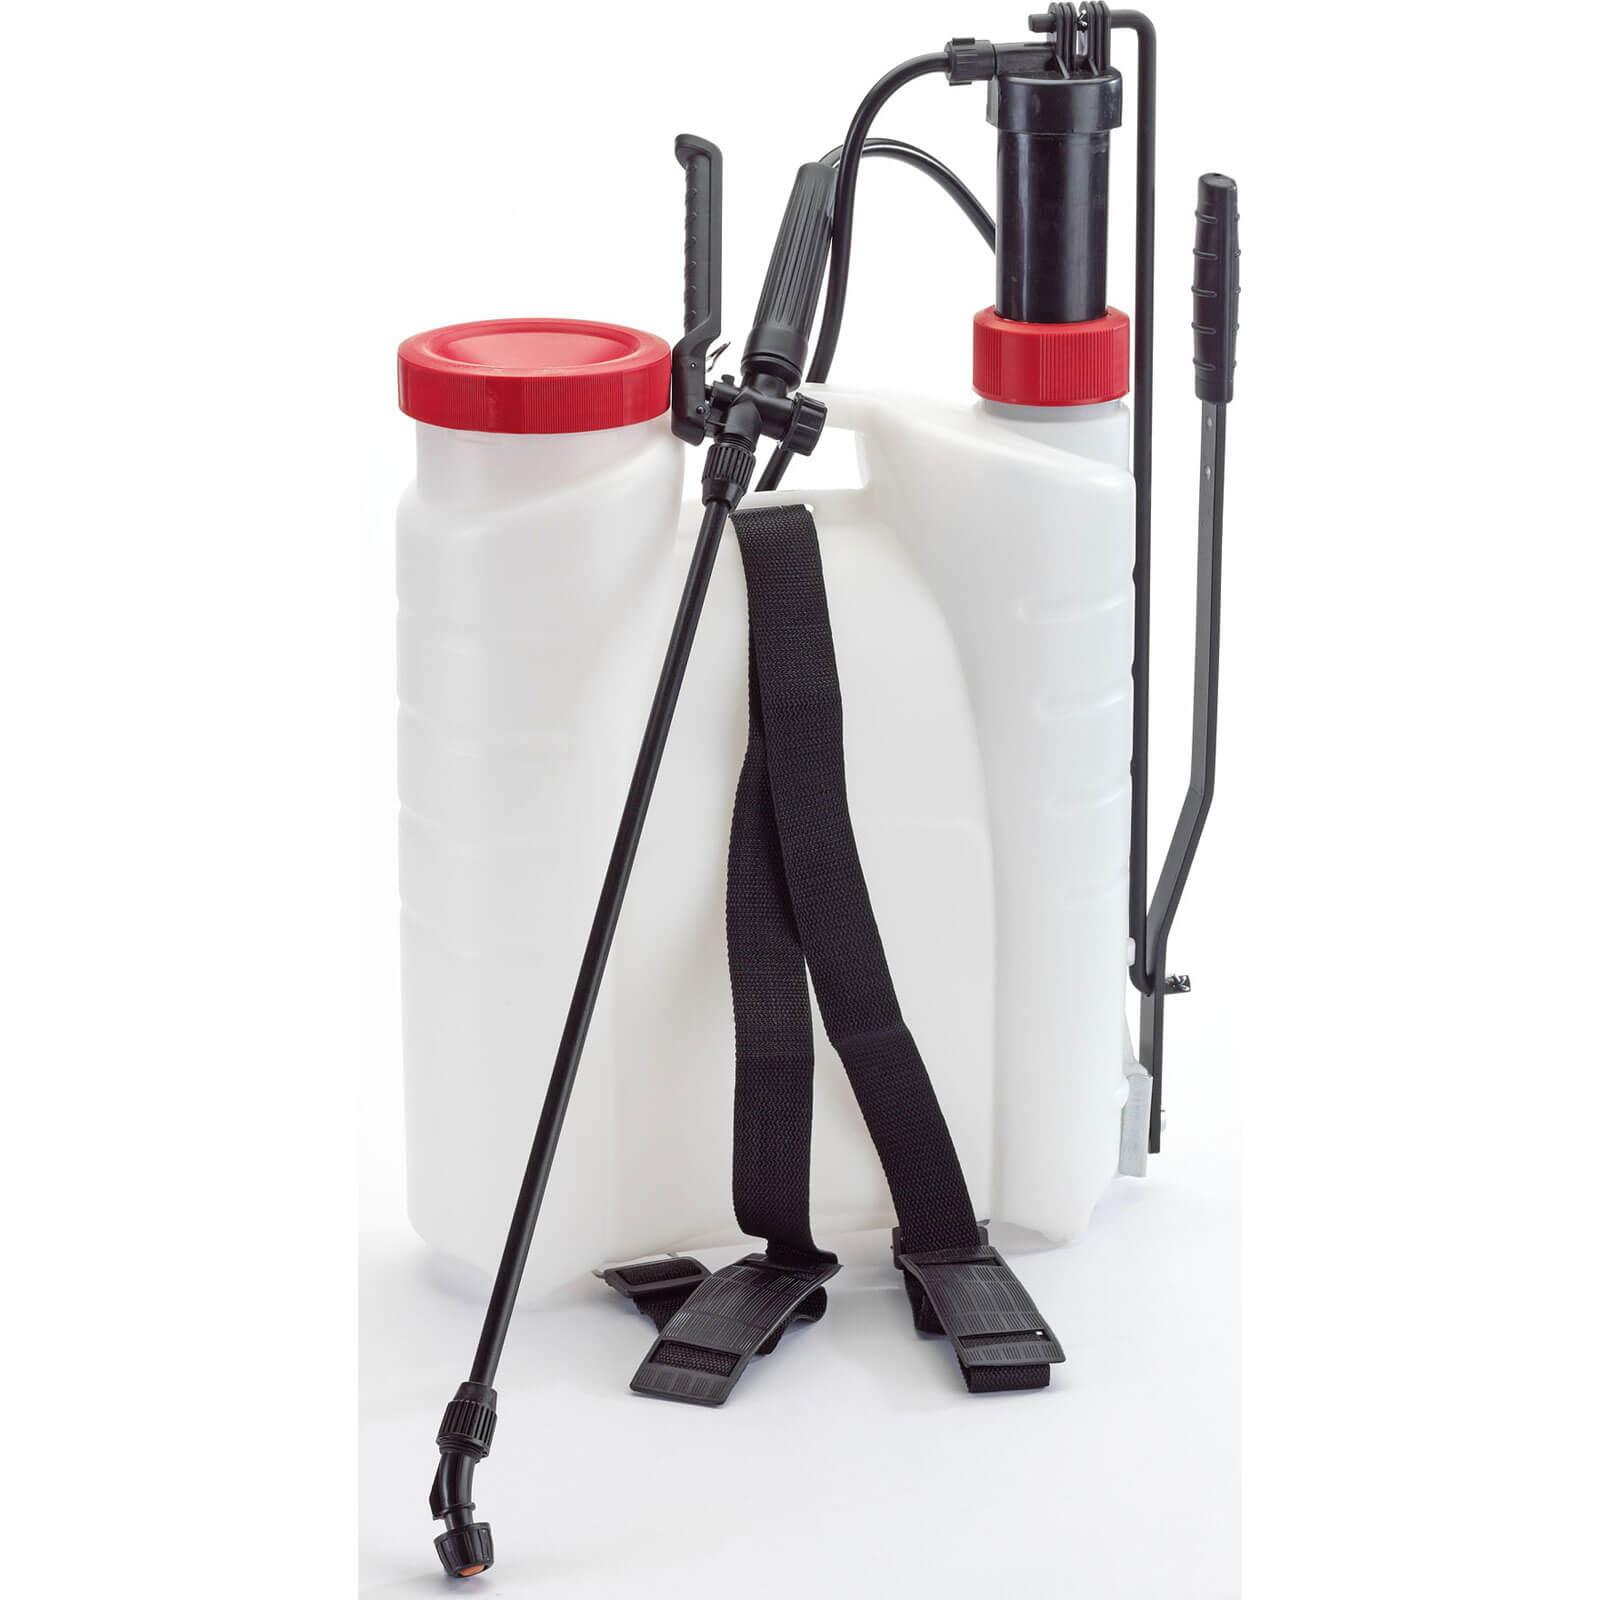 Draper Expert Epdm Knapsack Pressure Sprayer 12l